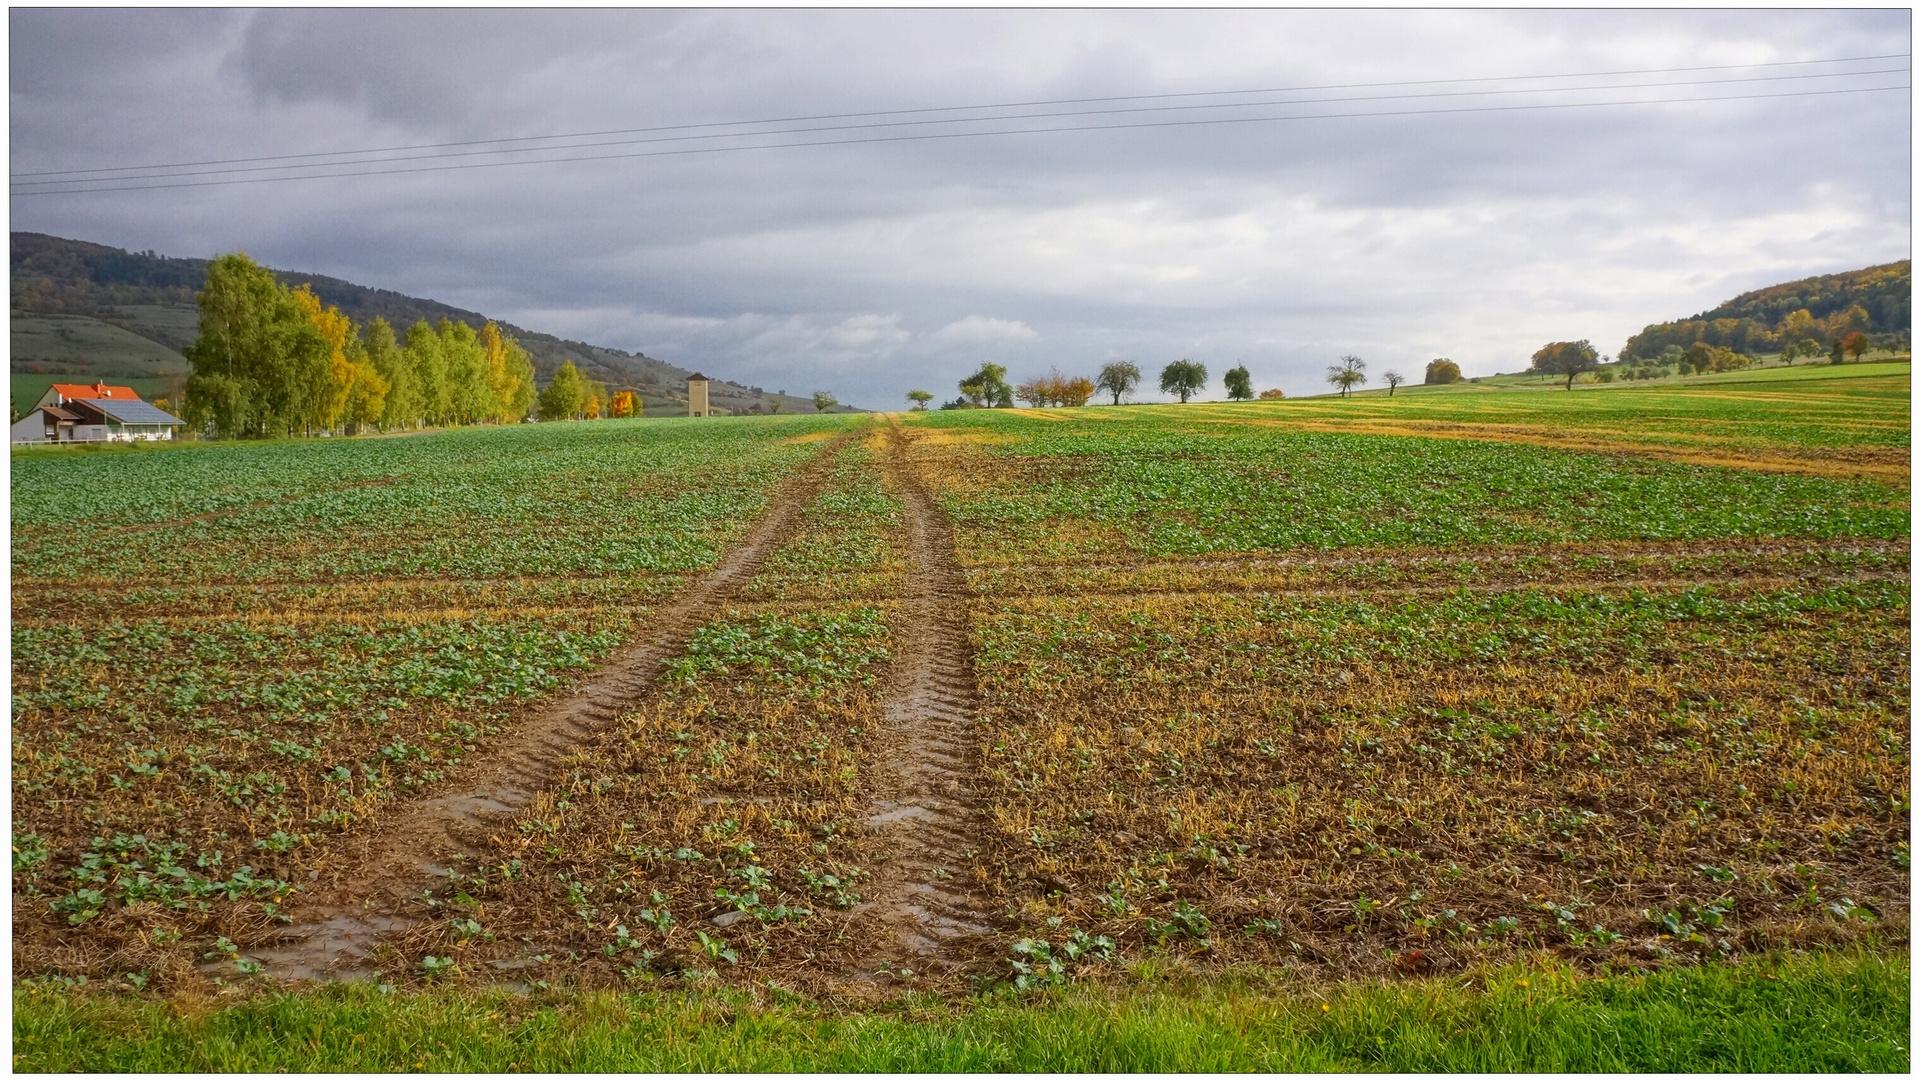 Herbstliche Landschaft (paisaje otoñal)